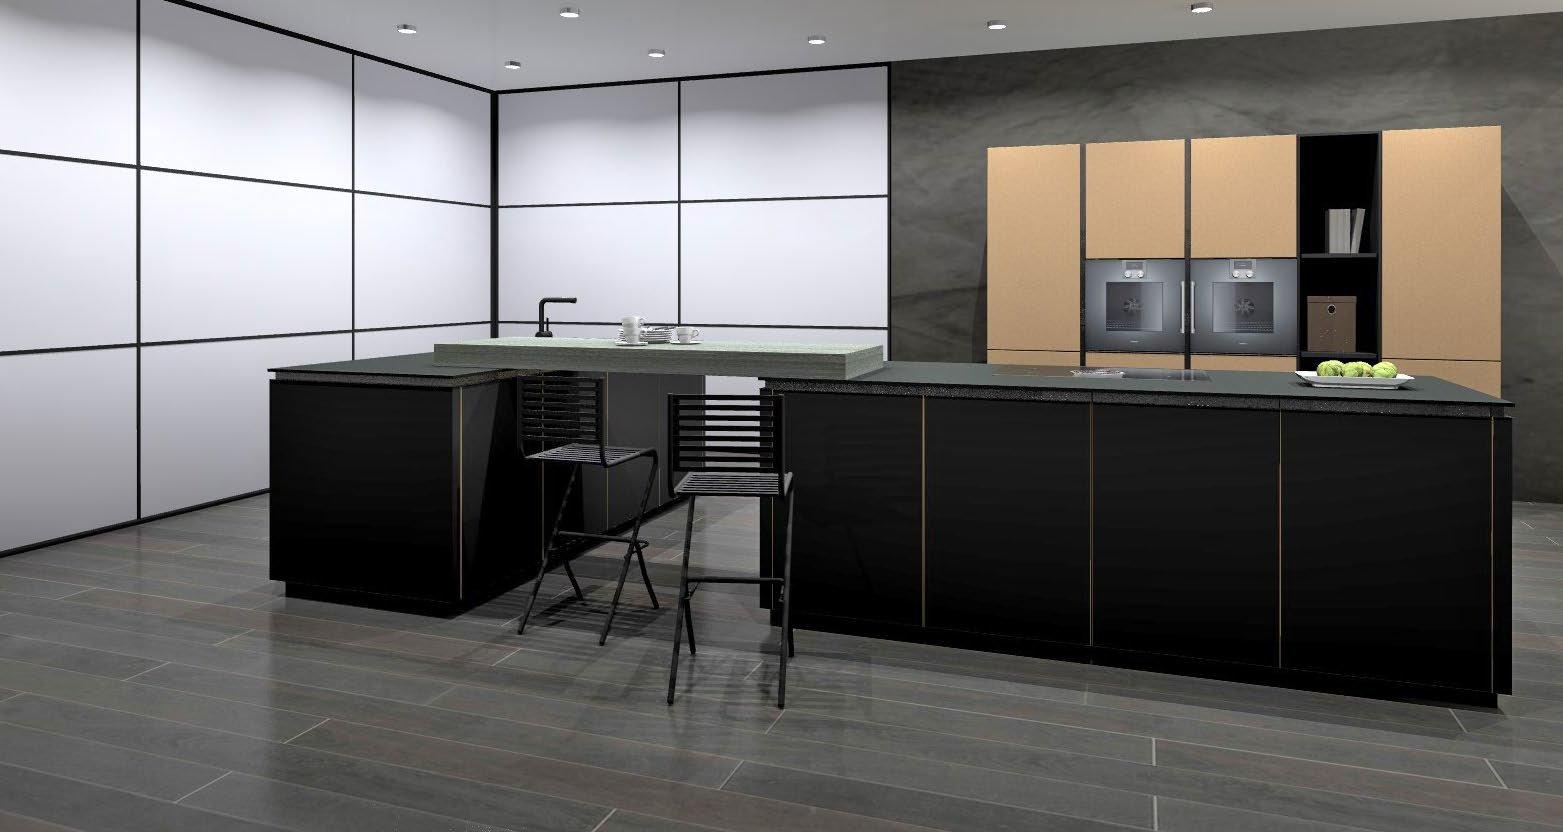 Full Size of Küche U Form Dachschräge Küche U Form Geschlossen Küche U Form Mit Kochinsel Küche U Form Landhaus Küche Küche U Form